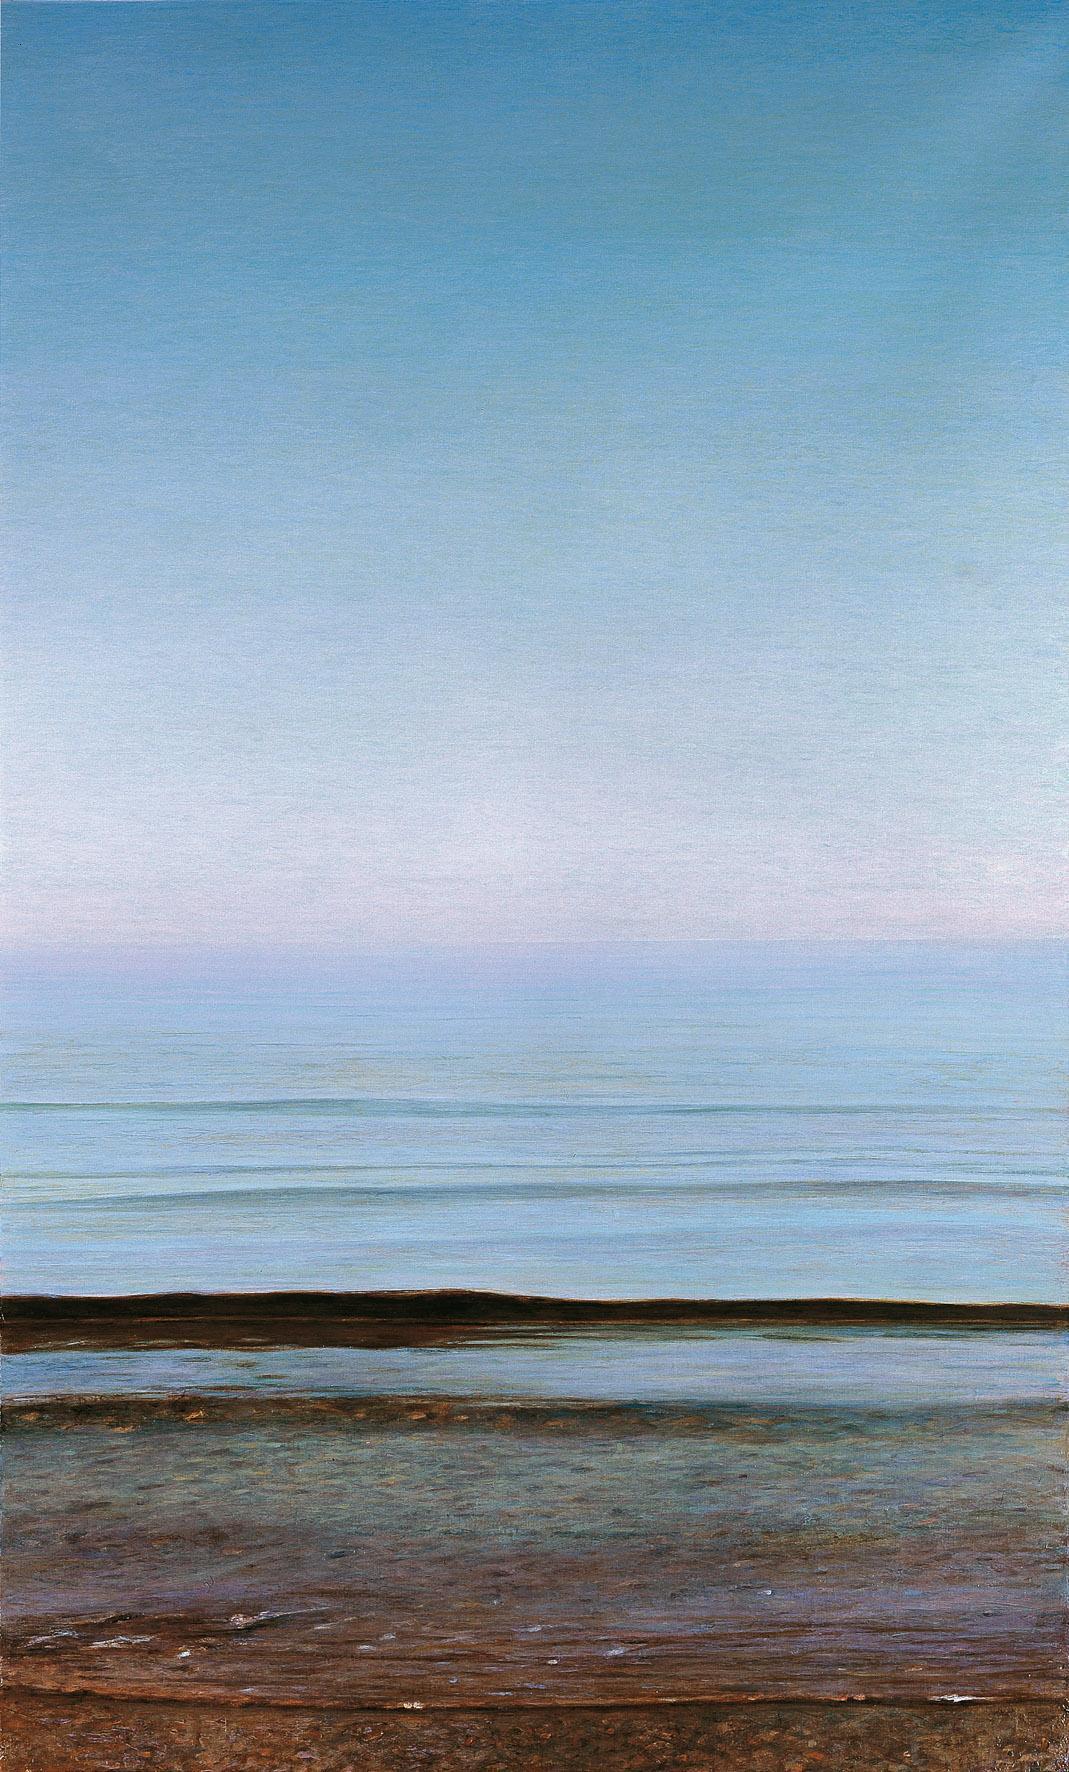 Piero Guccione, Grande spiaggia, 1996 2001, olio su tela, cm 151 x 91,5, collezione privata